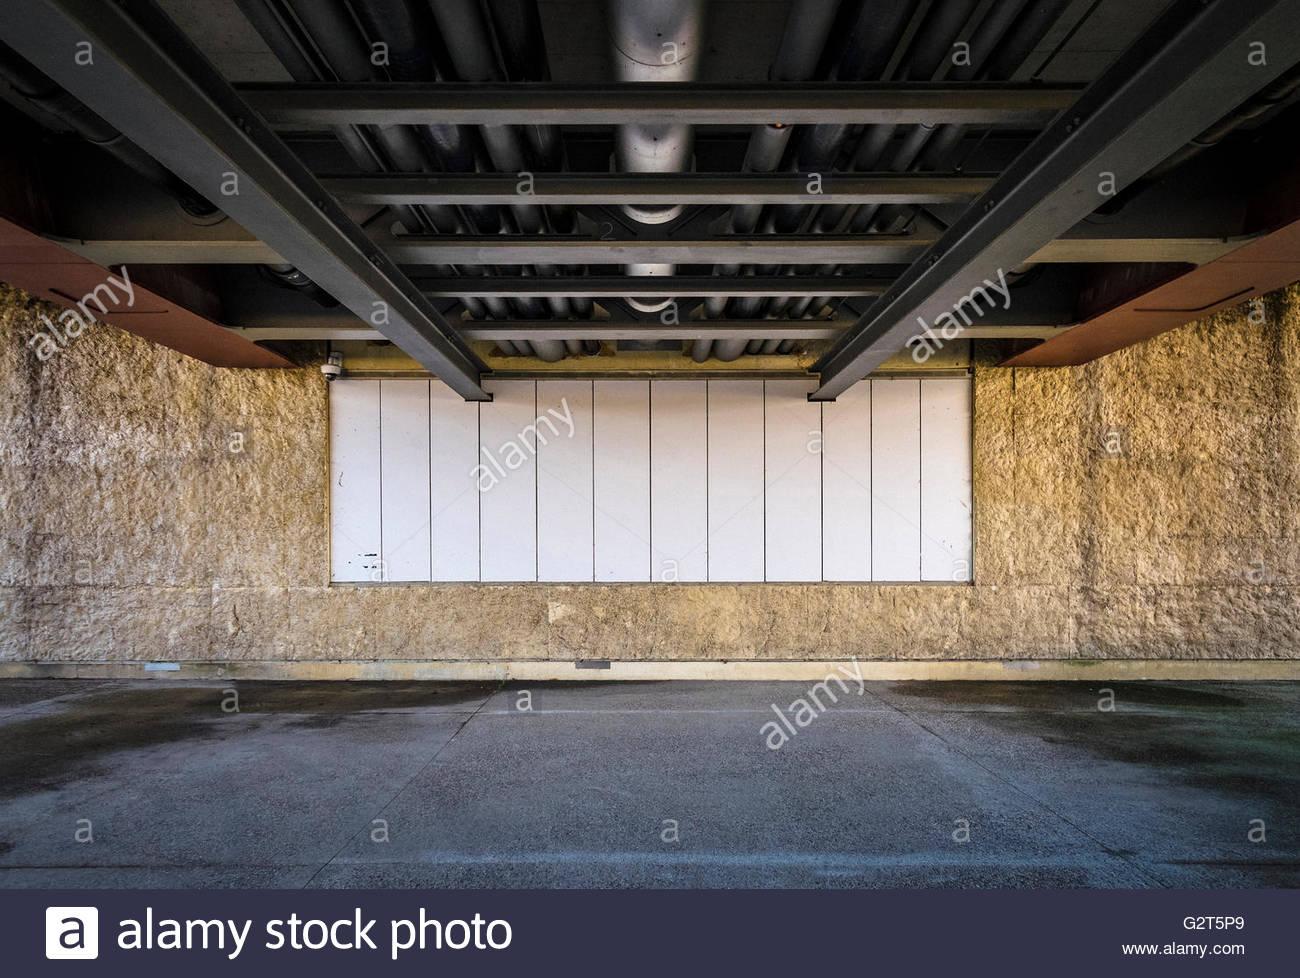 Empty billboard, urban landscape, Reimst, Limburg, Vlaanderen (Flanders), Belgium - Stock Image